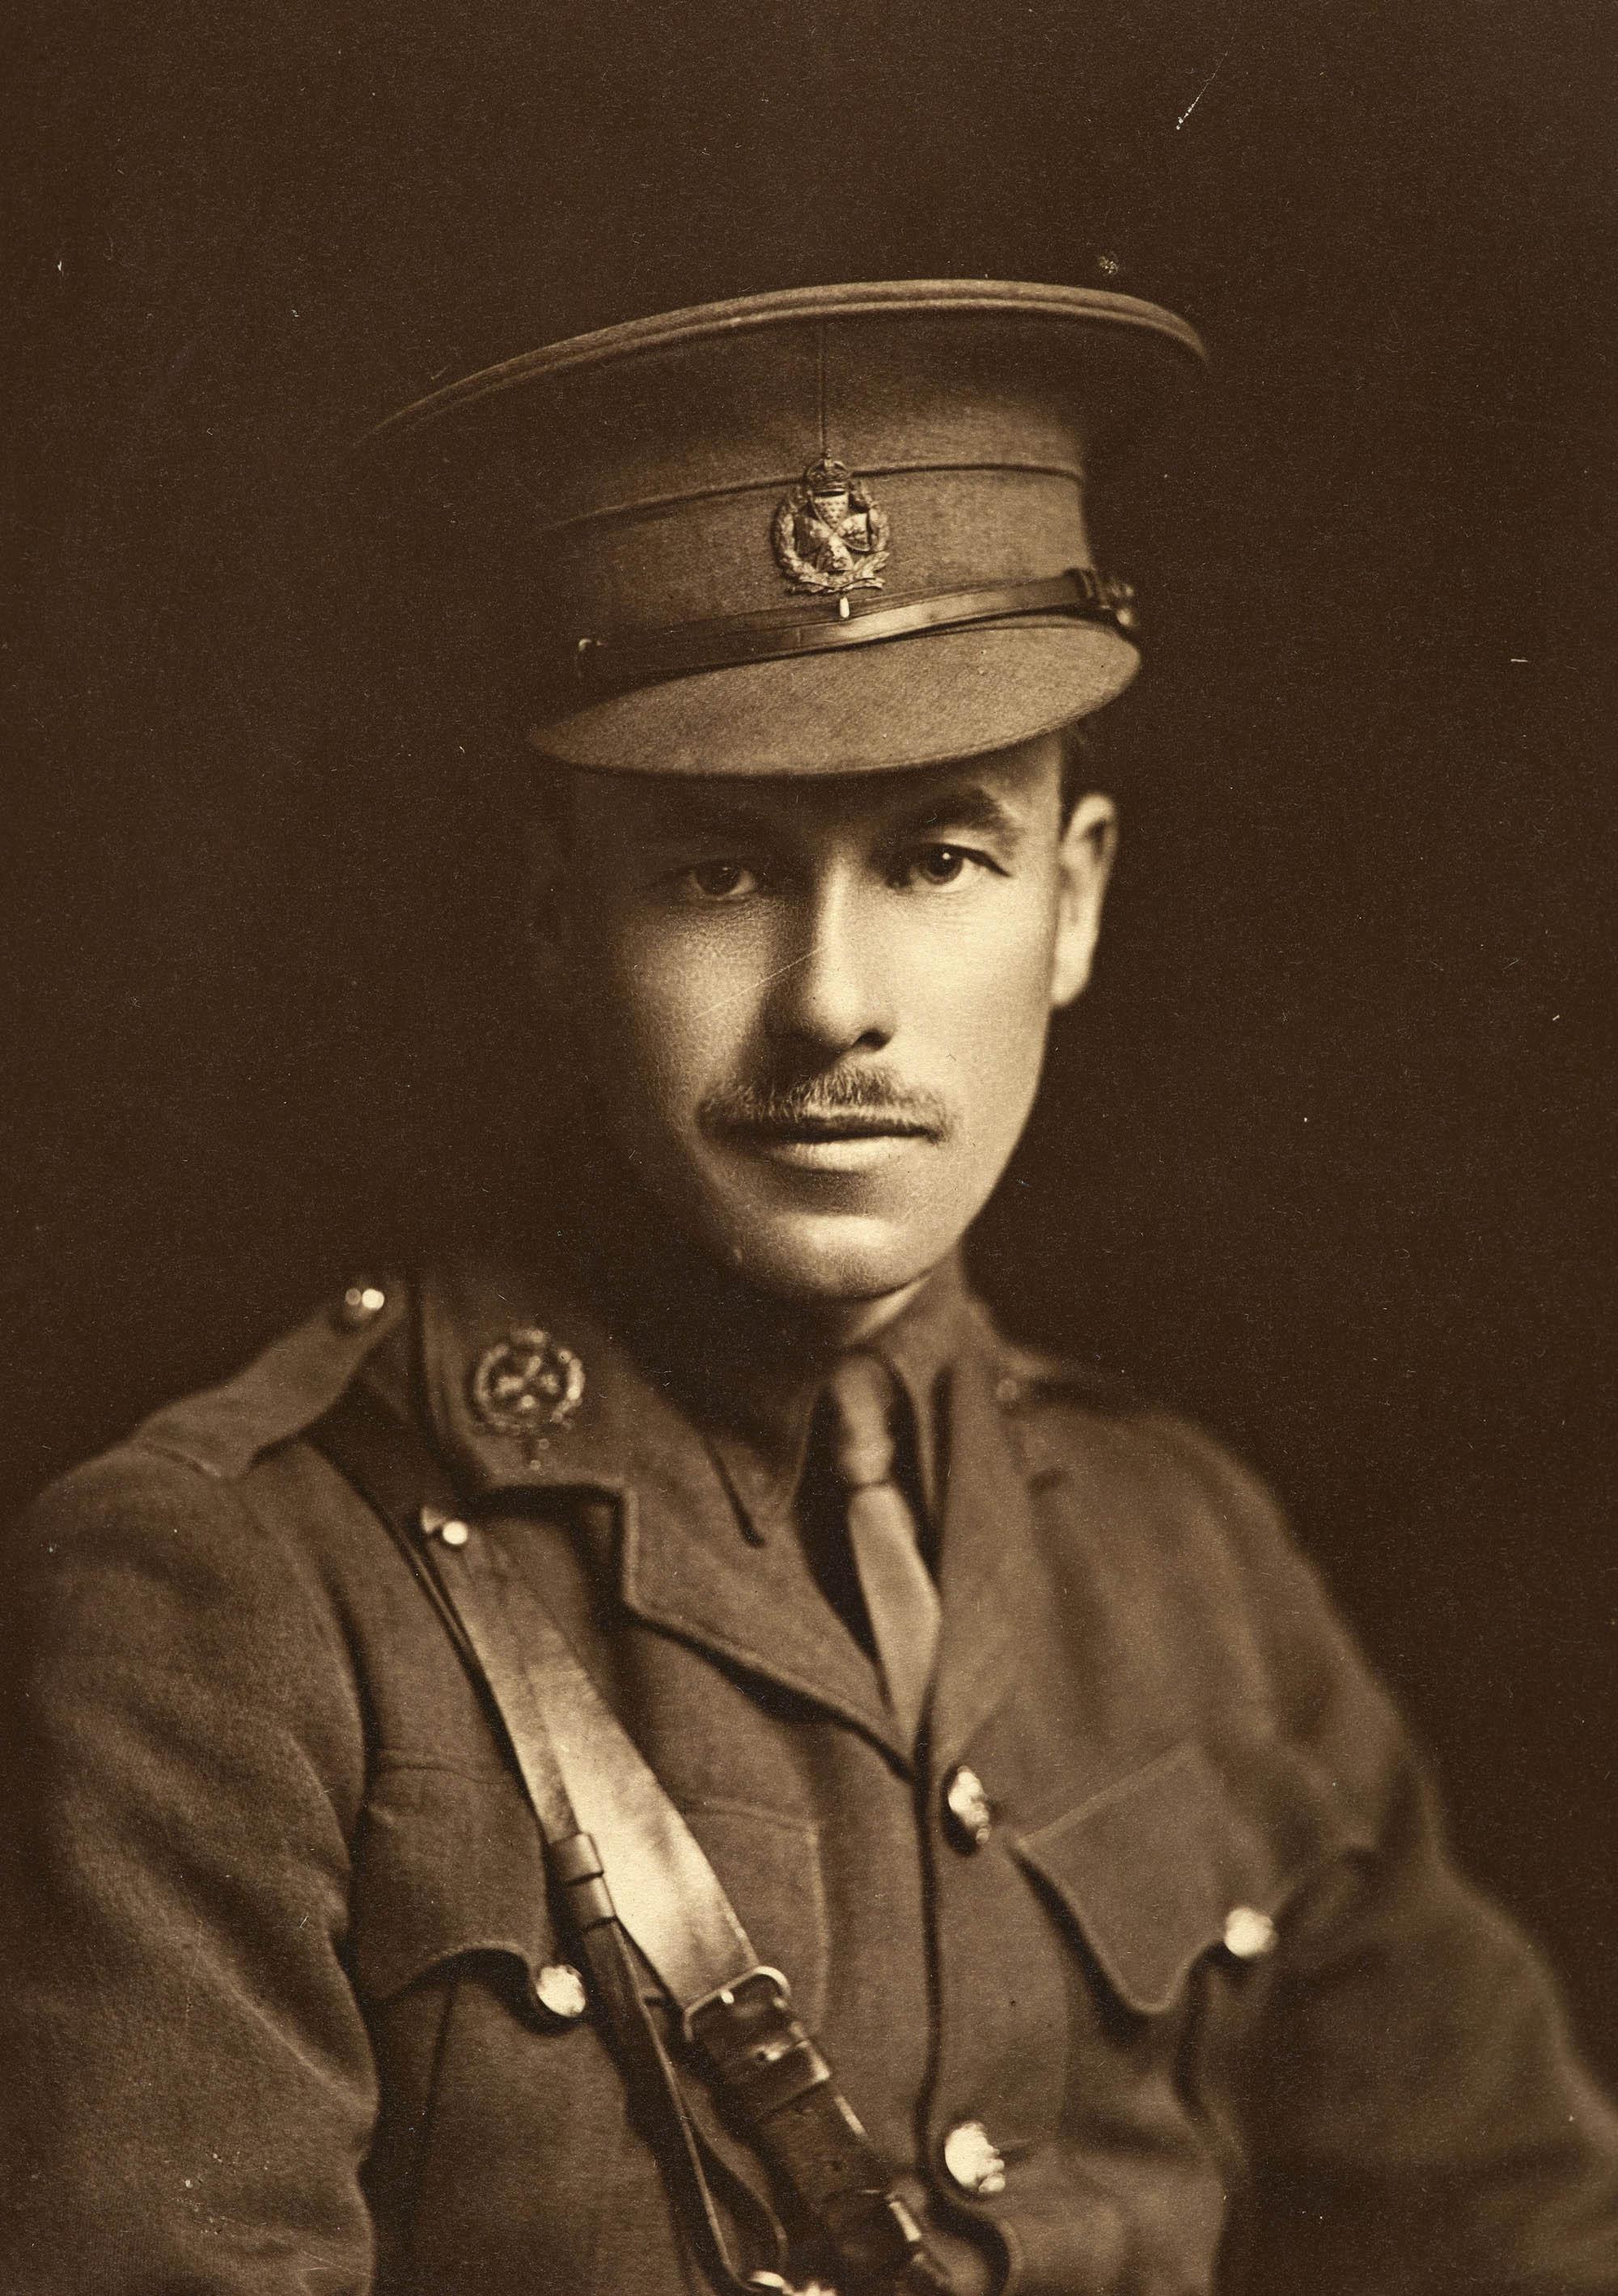 a studio photograph of a man in First World War officer's uniform